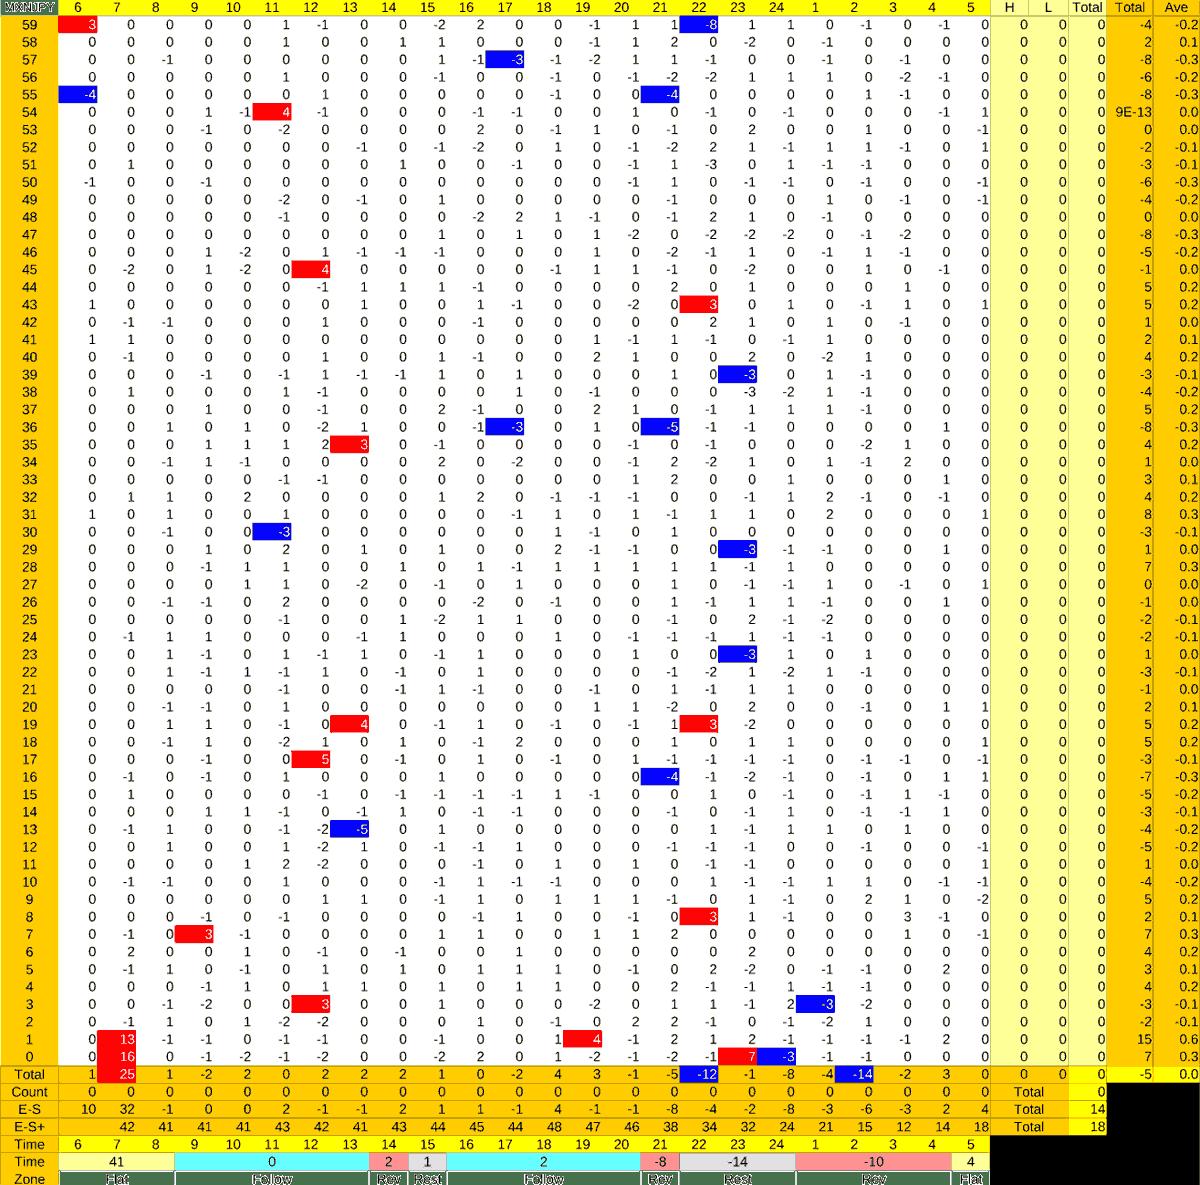 20210802_HS(3)MXNJPY-min